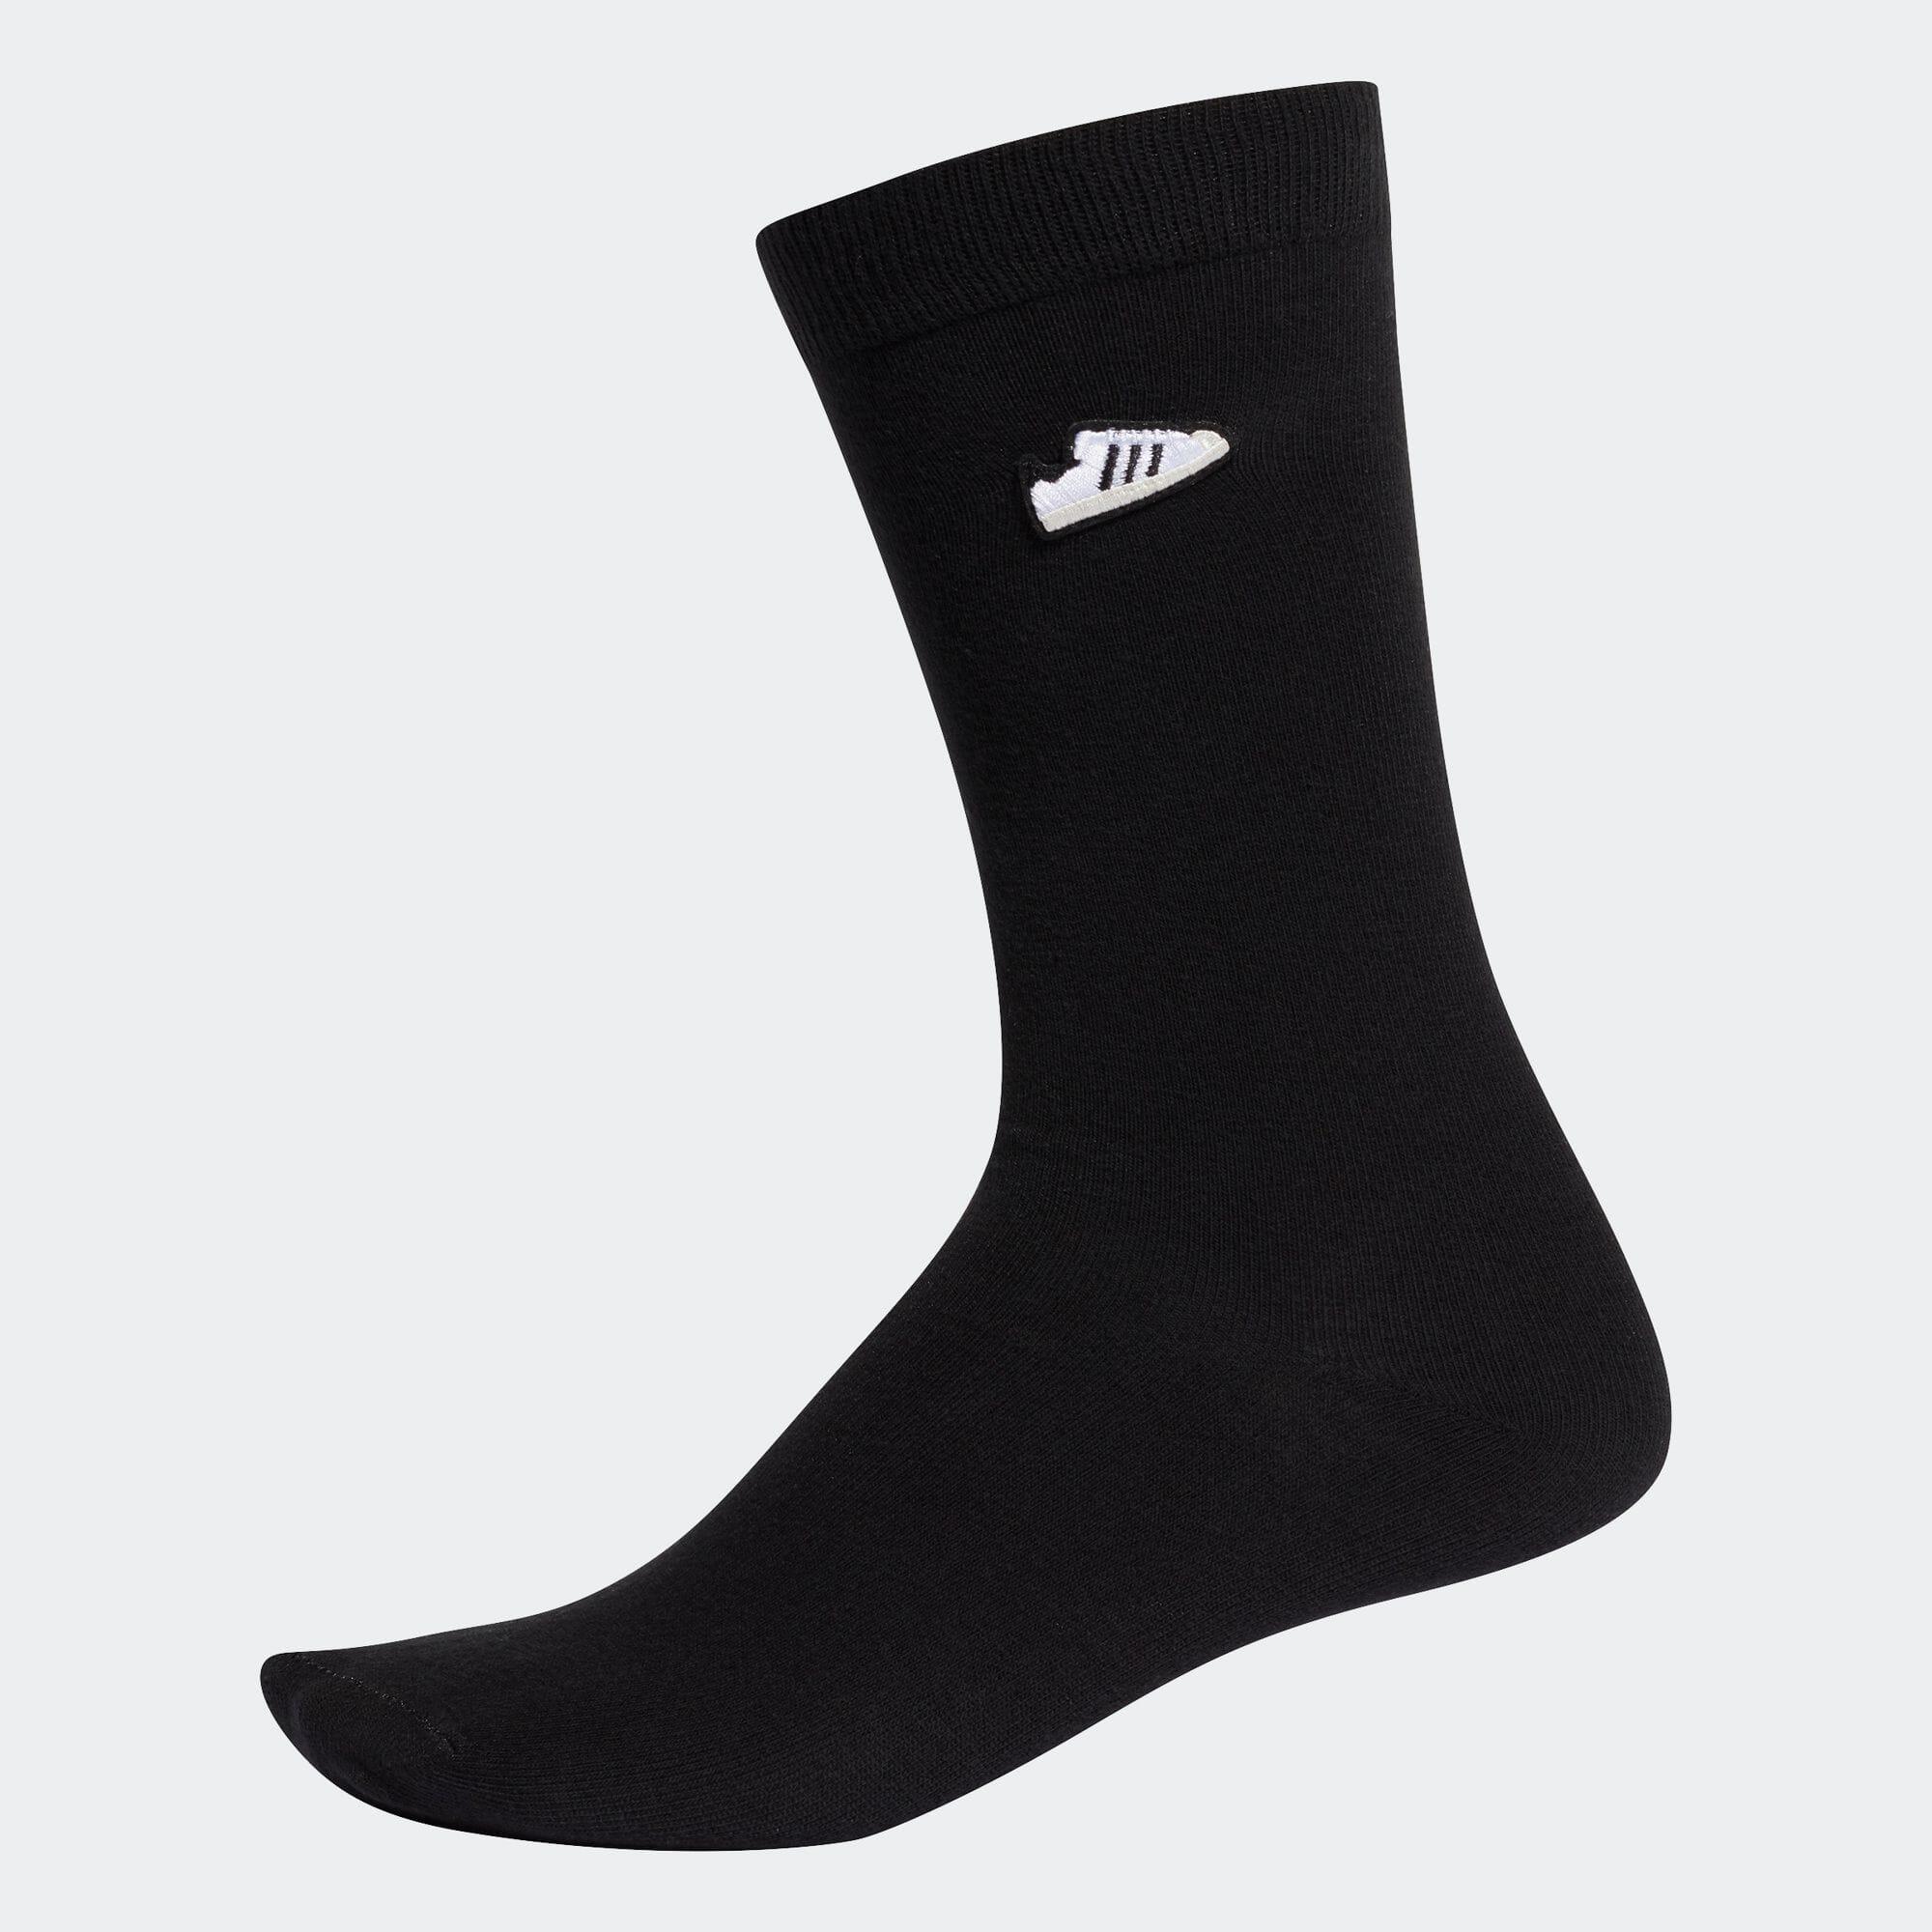 SST ソックス [SST Socks]